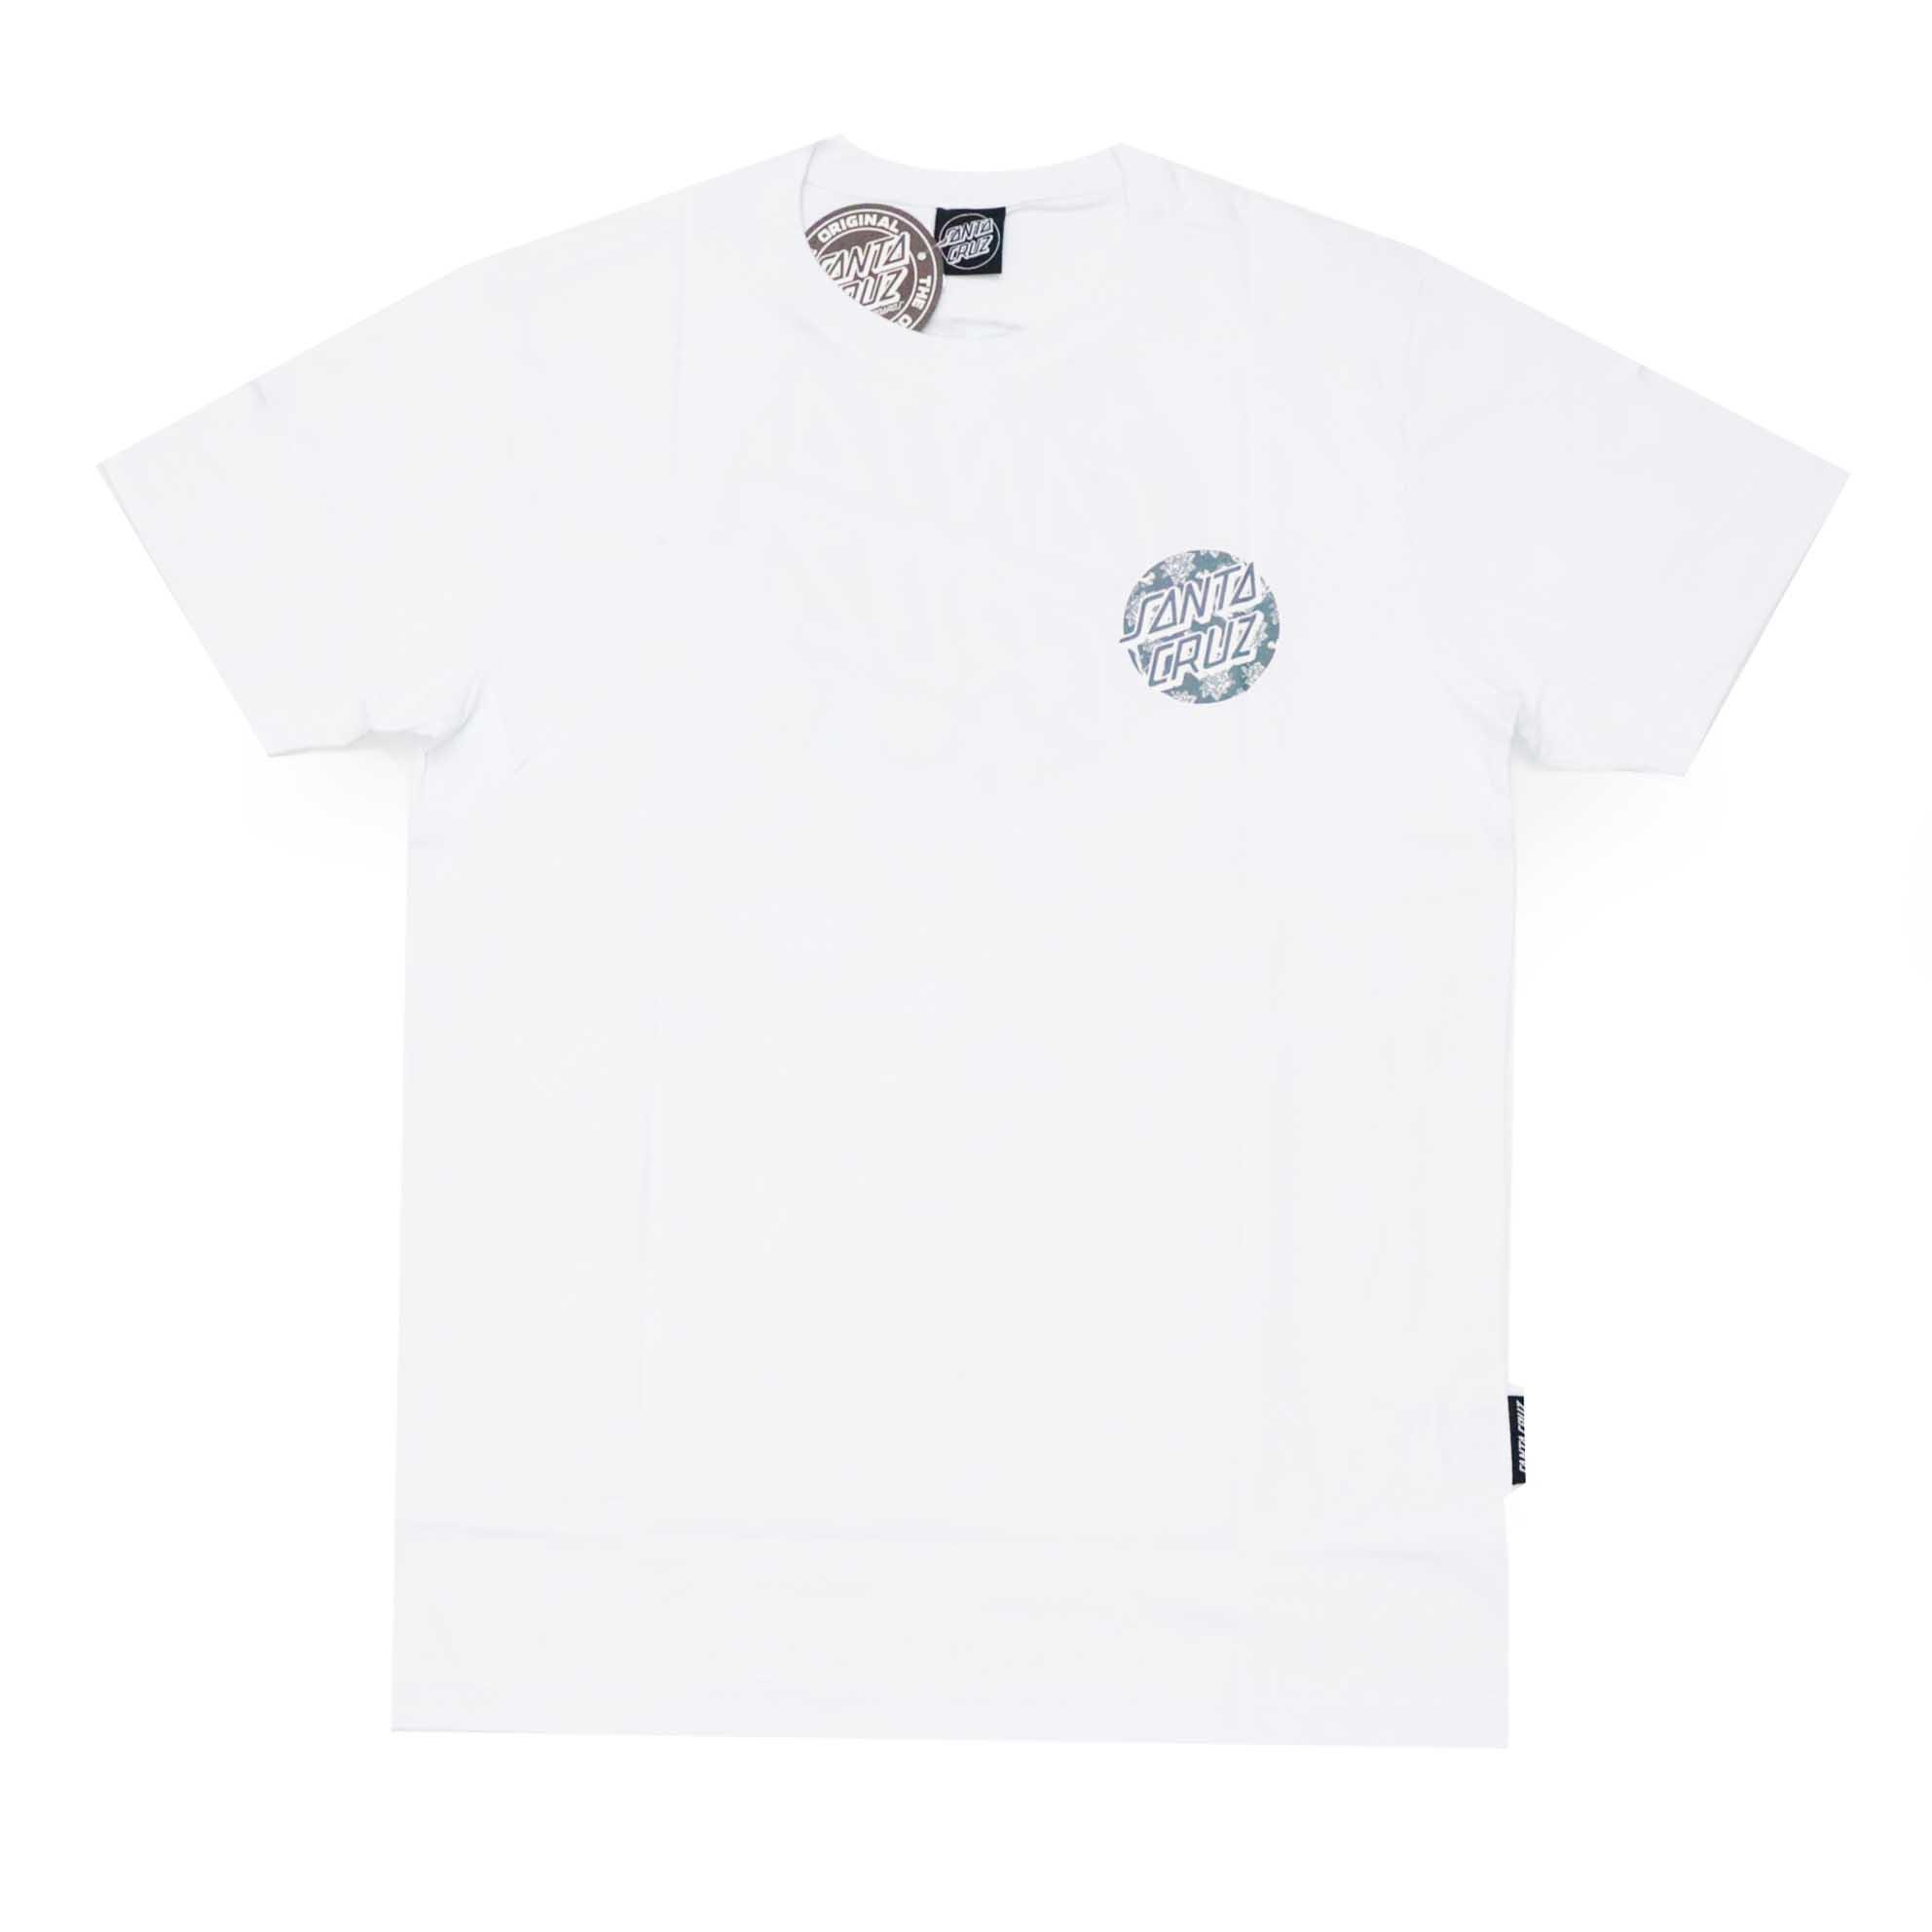 Camiseta Santa Cruz Floral Decay Dot - Branco